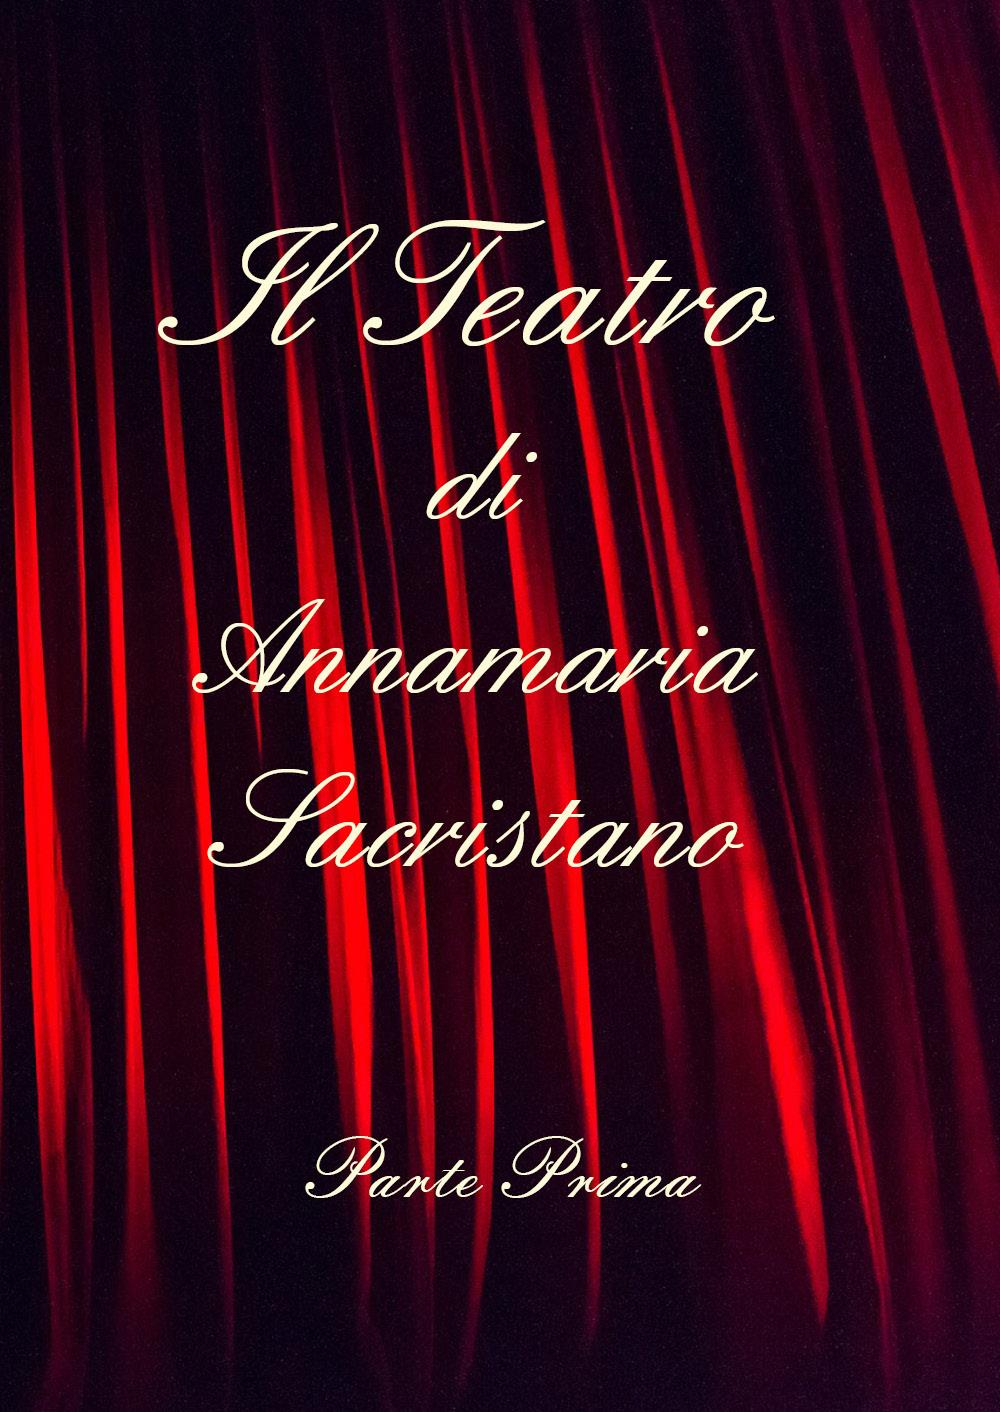 Il teatro di Annamaria Sacristano - Parte prima